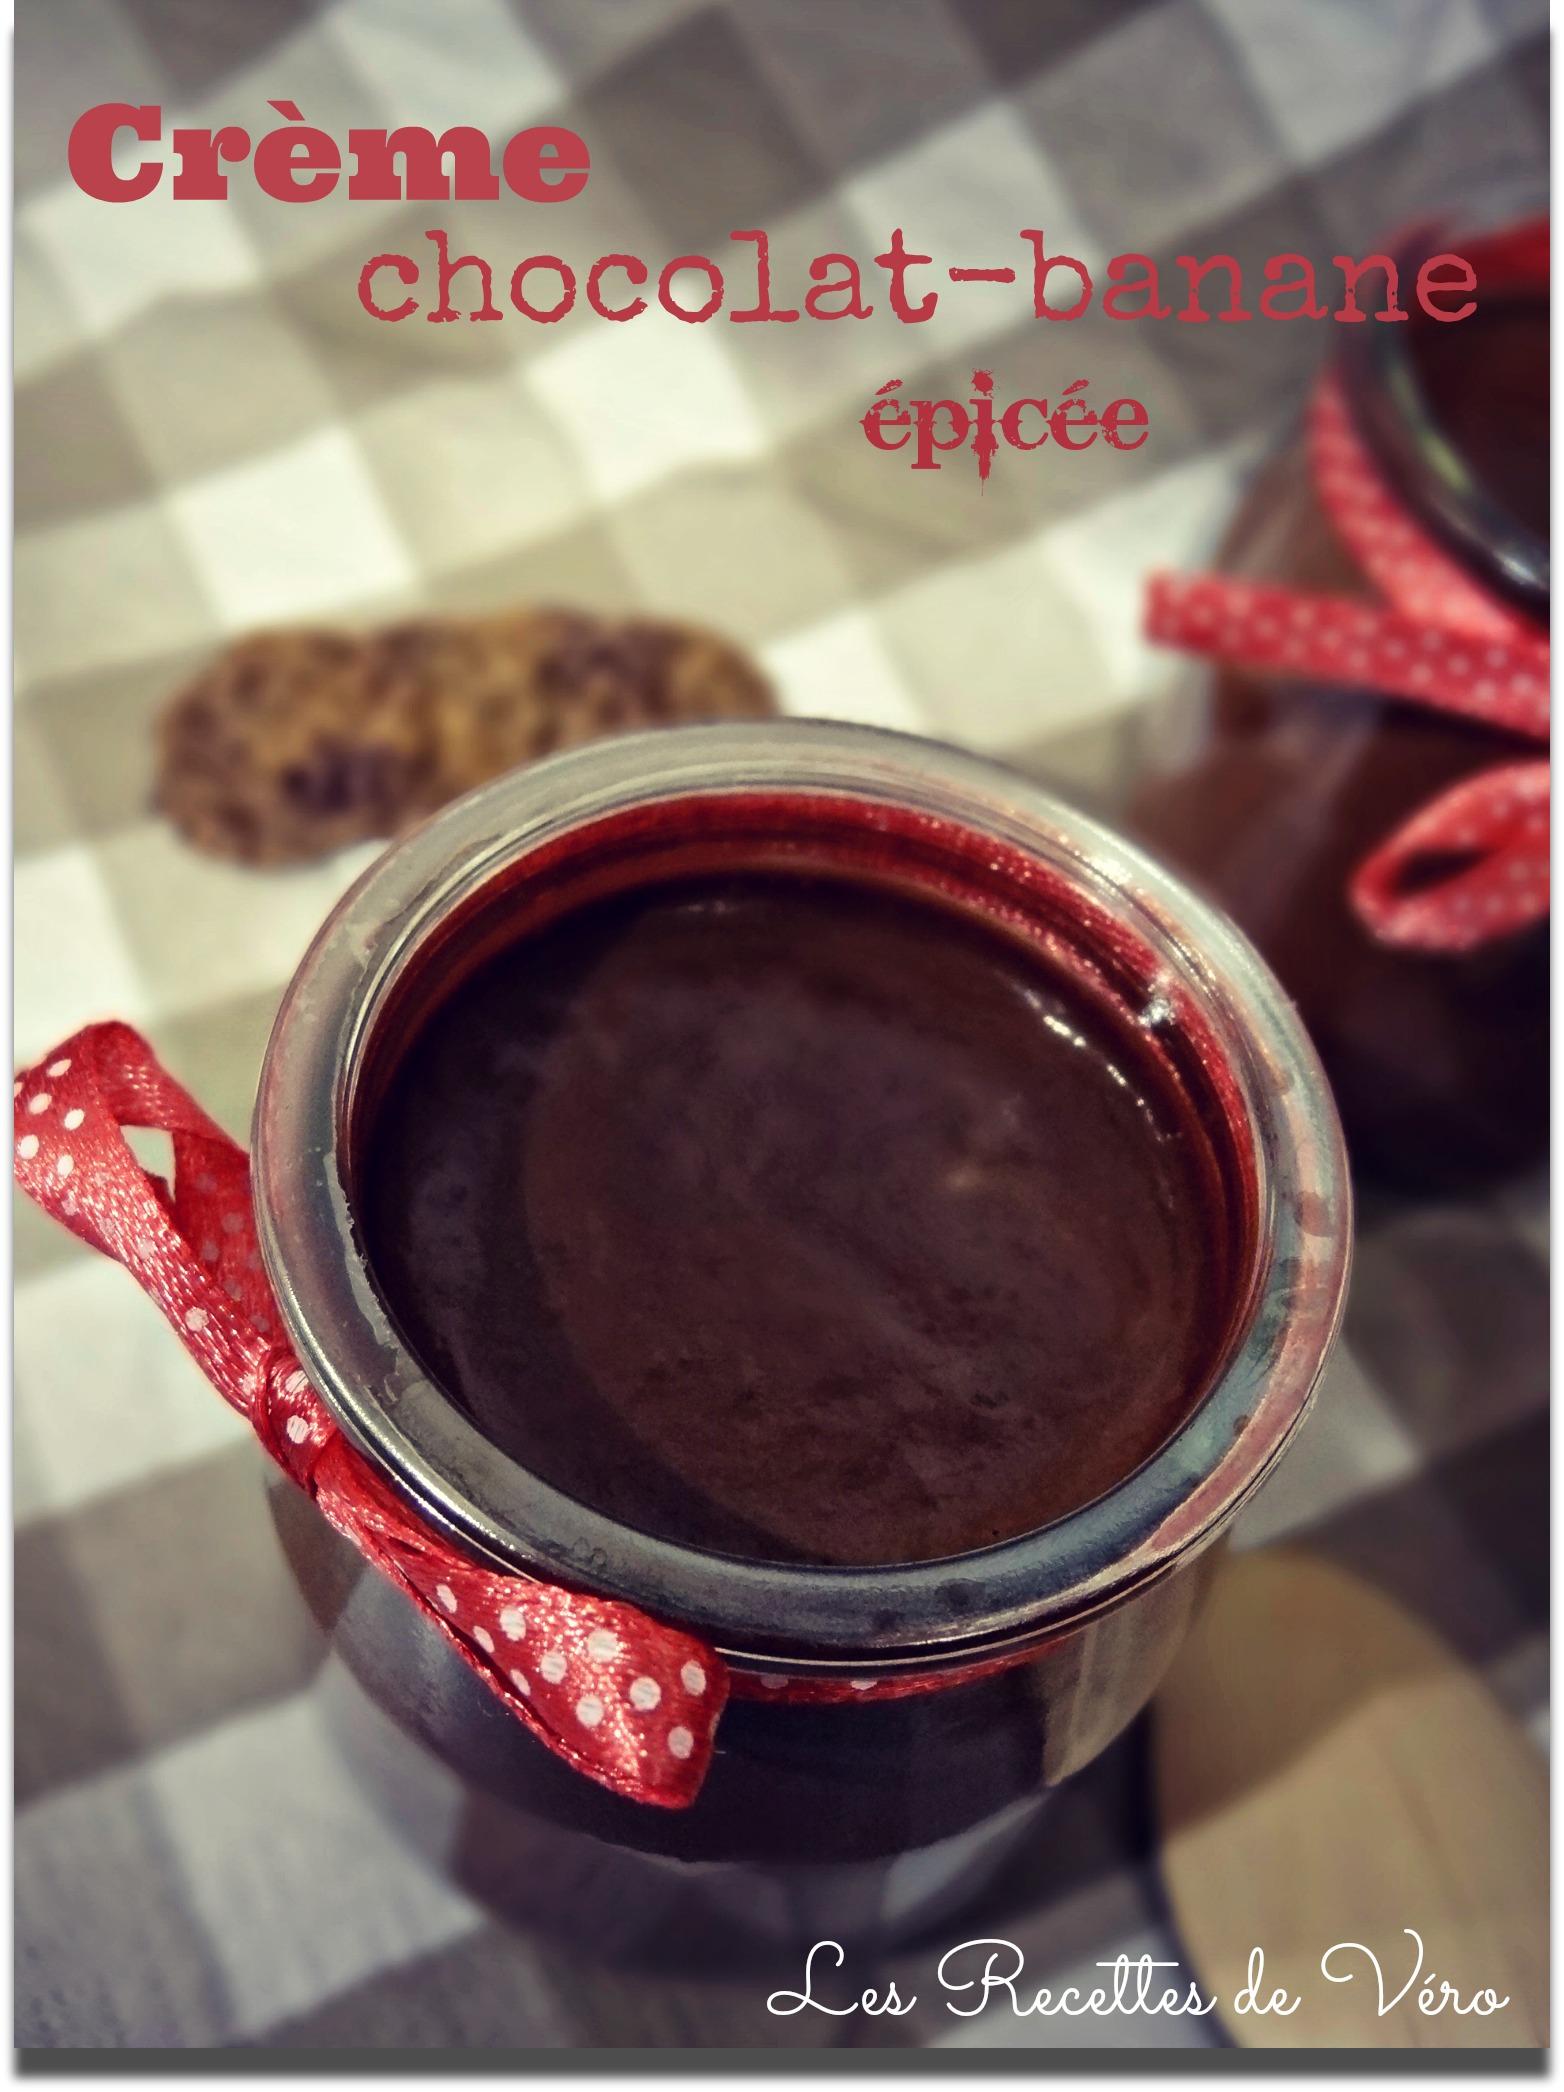 pots de crèmes chocolat-banane épicées